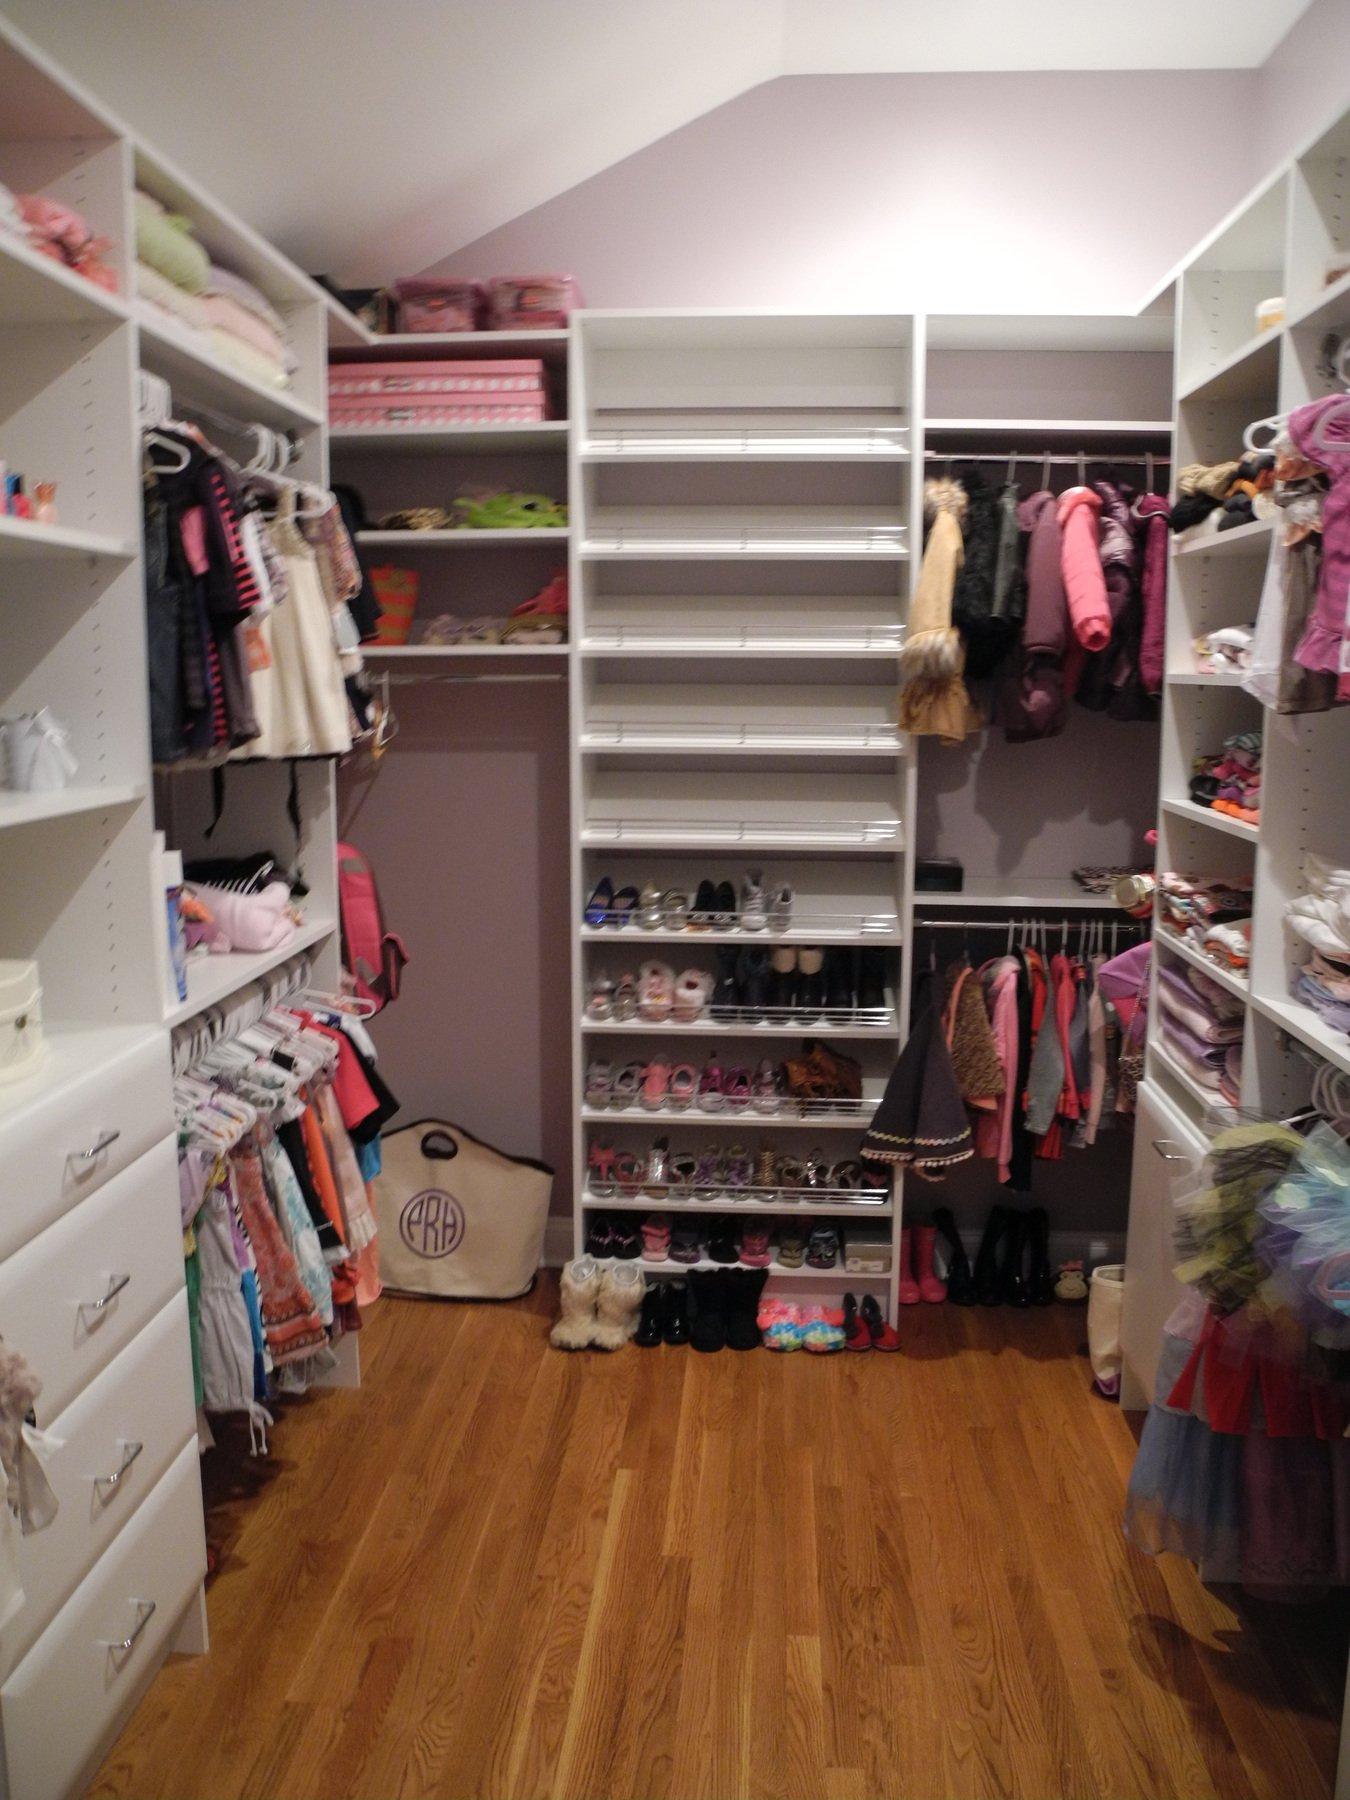 105 n gyzetm ter 5 gyerek 2 szint i ker let lakjunk j l for Walk in closet ideas for teenage girls